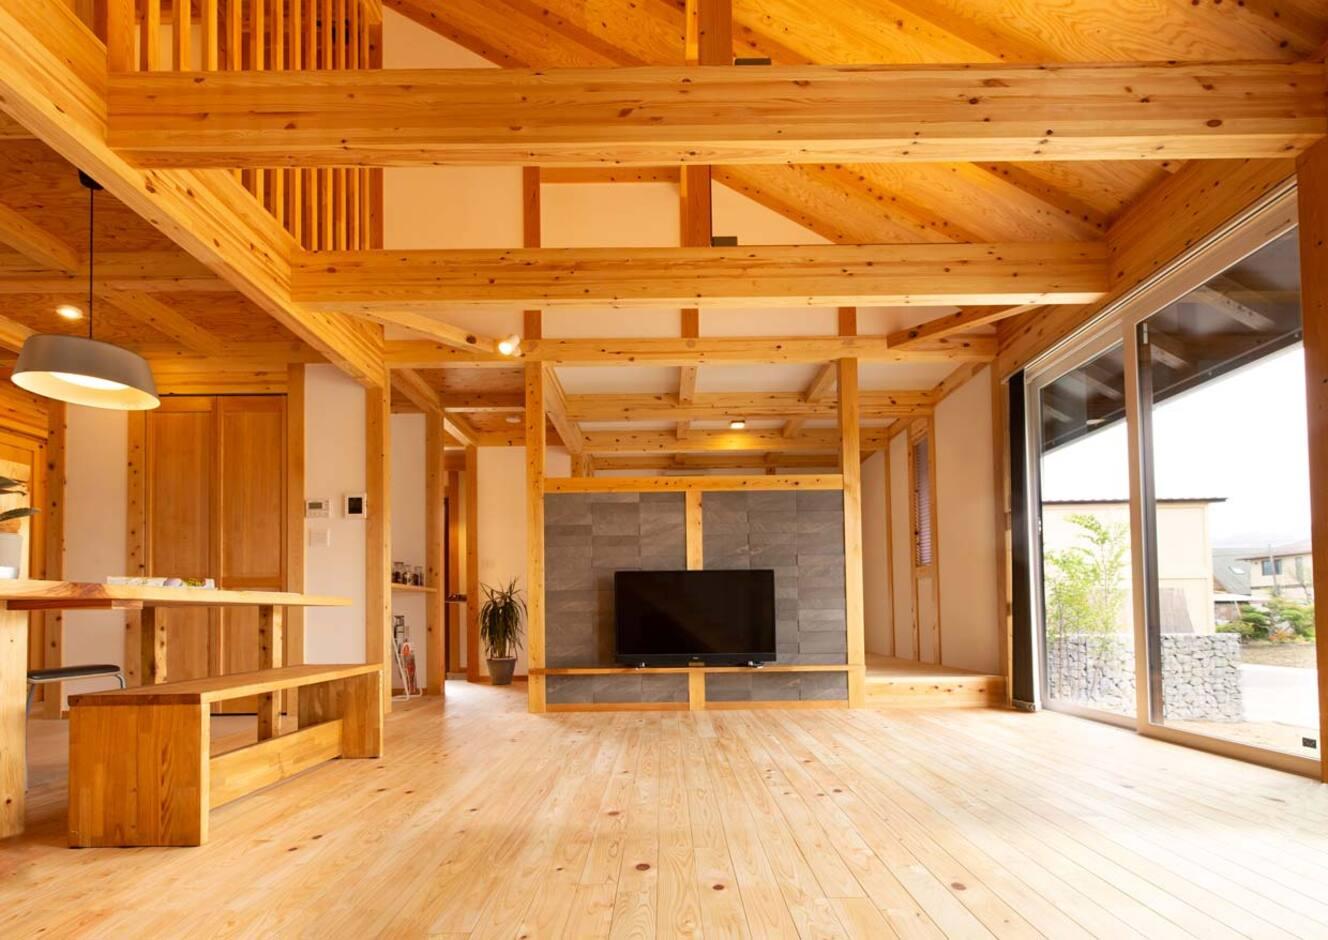 サイエンスホーム山梨【甲府市中町3-15・モデルハウス】素足でも気持ちいい無垢の床、開放感が魅力のリビングダイニング